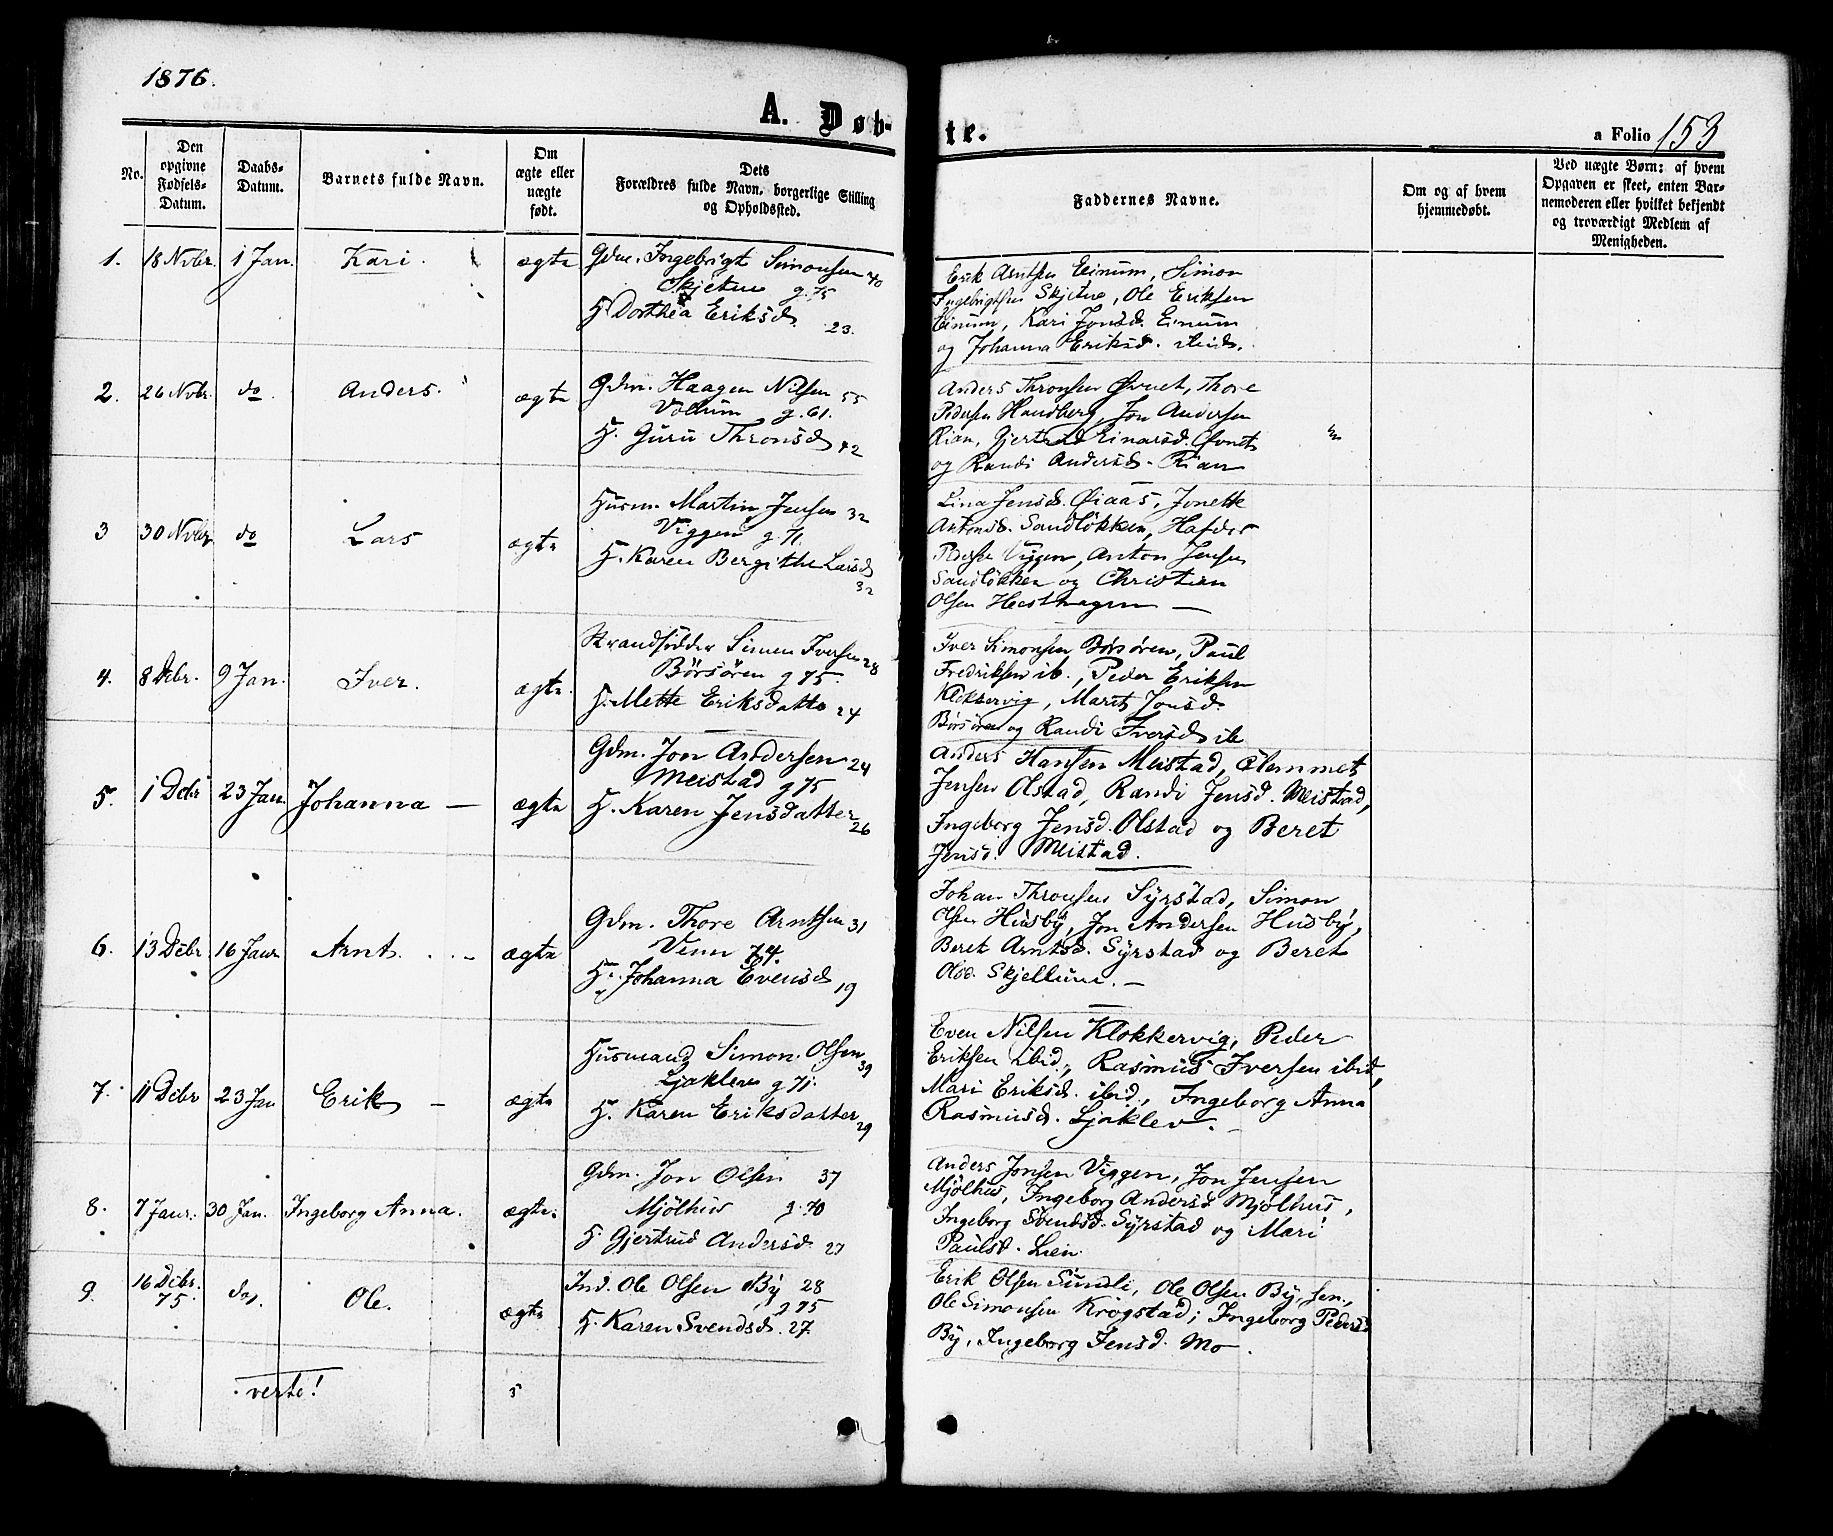 SAT, Ministerialprotokoller, klokkerbøker og fødselsregistre - Sør-Trøndelag, 665/L0772: Ministerialbok nr. 665A07, 1856-1878, s. 153